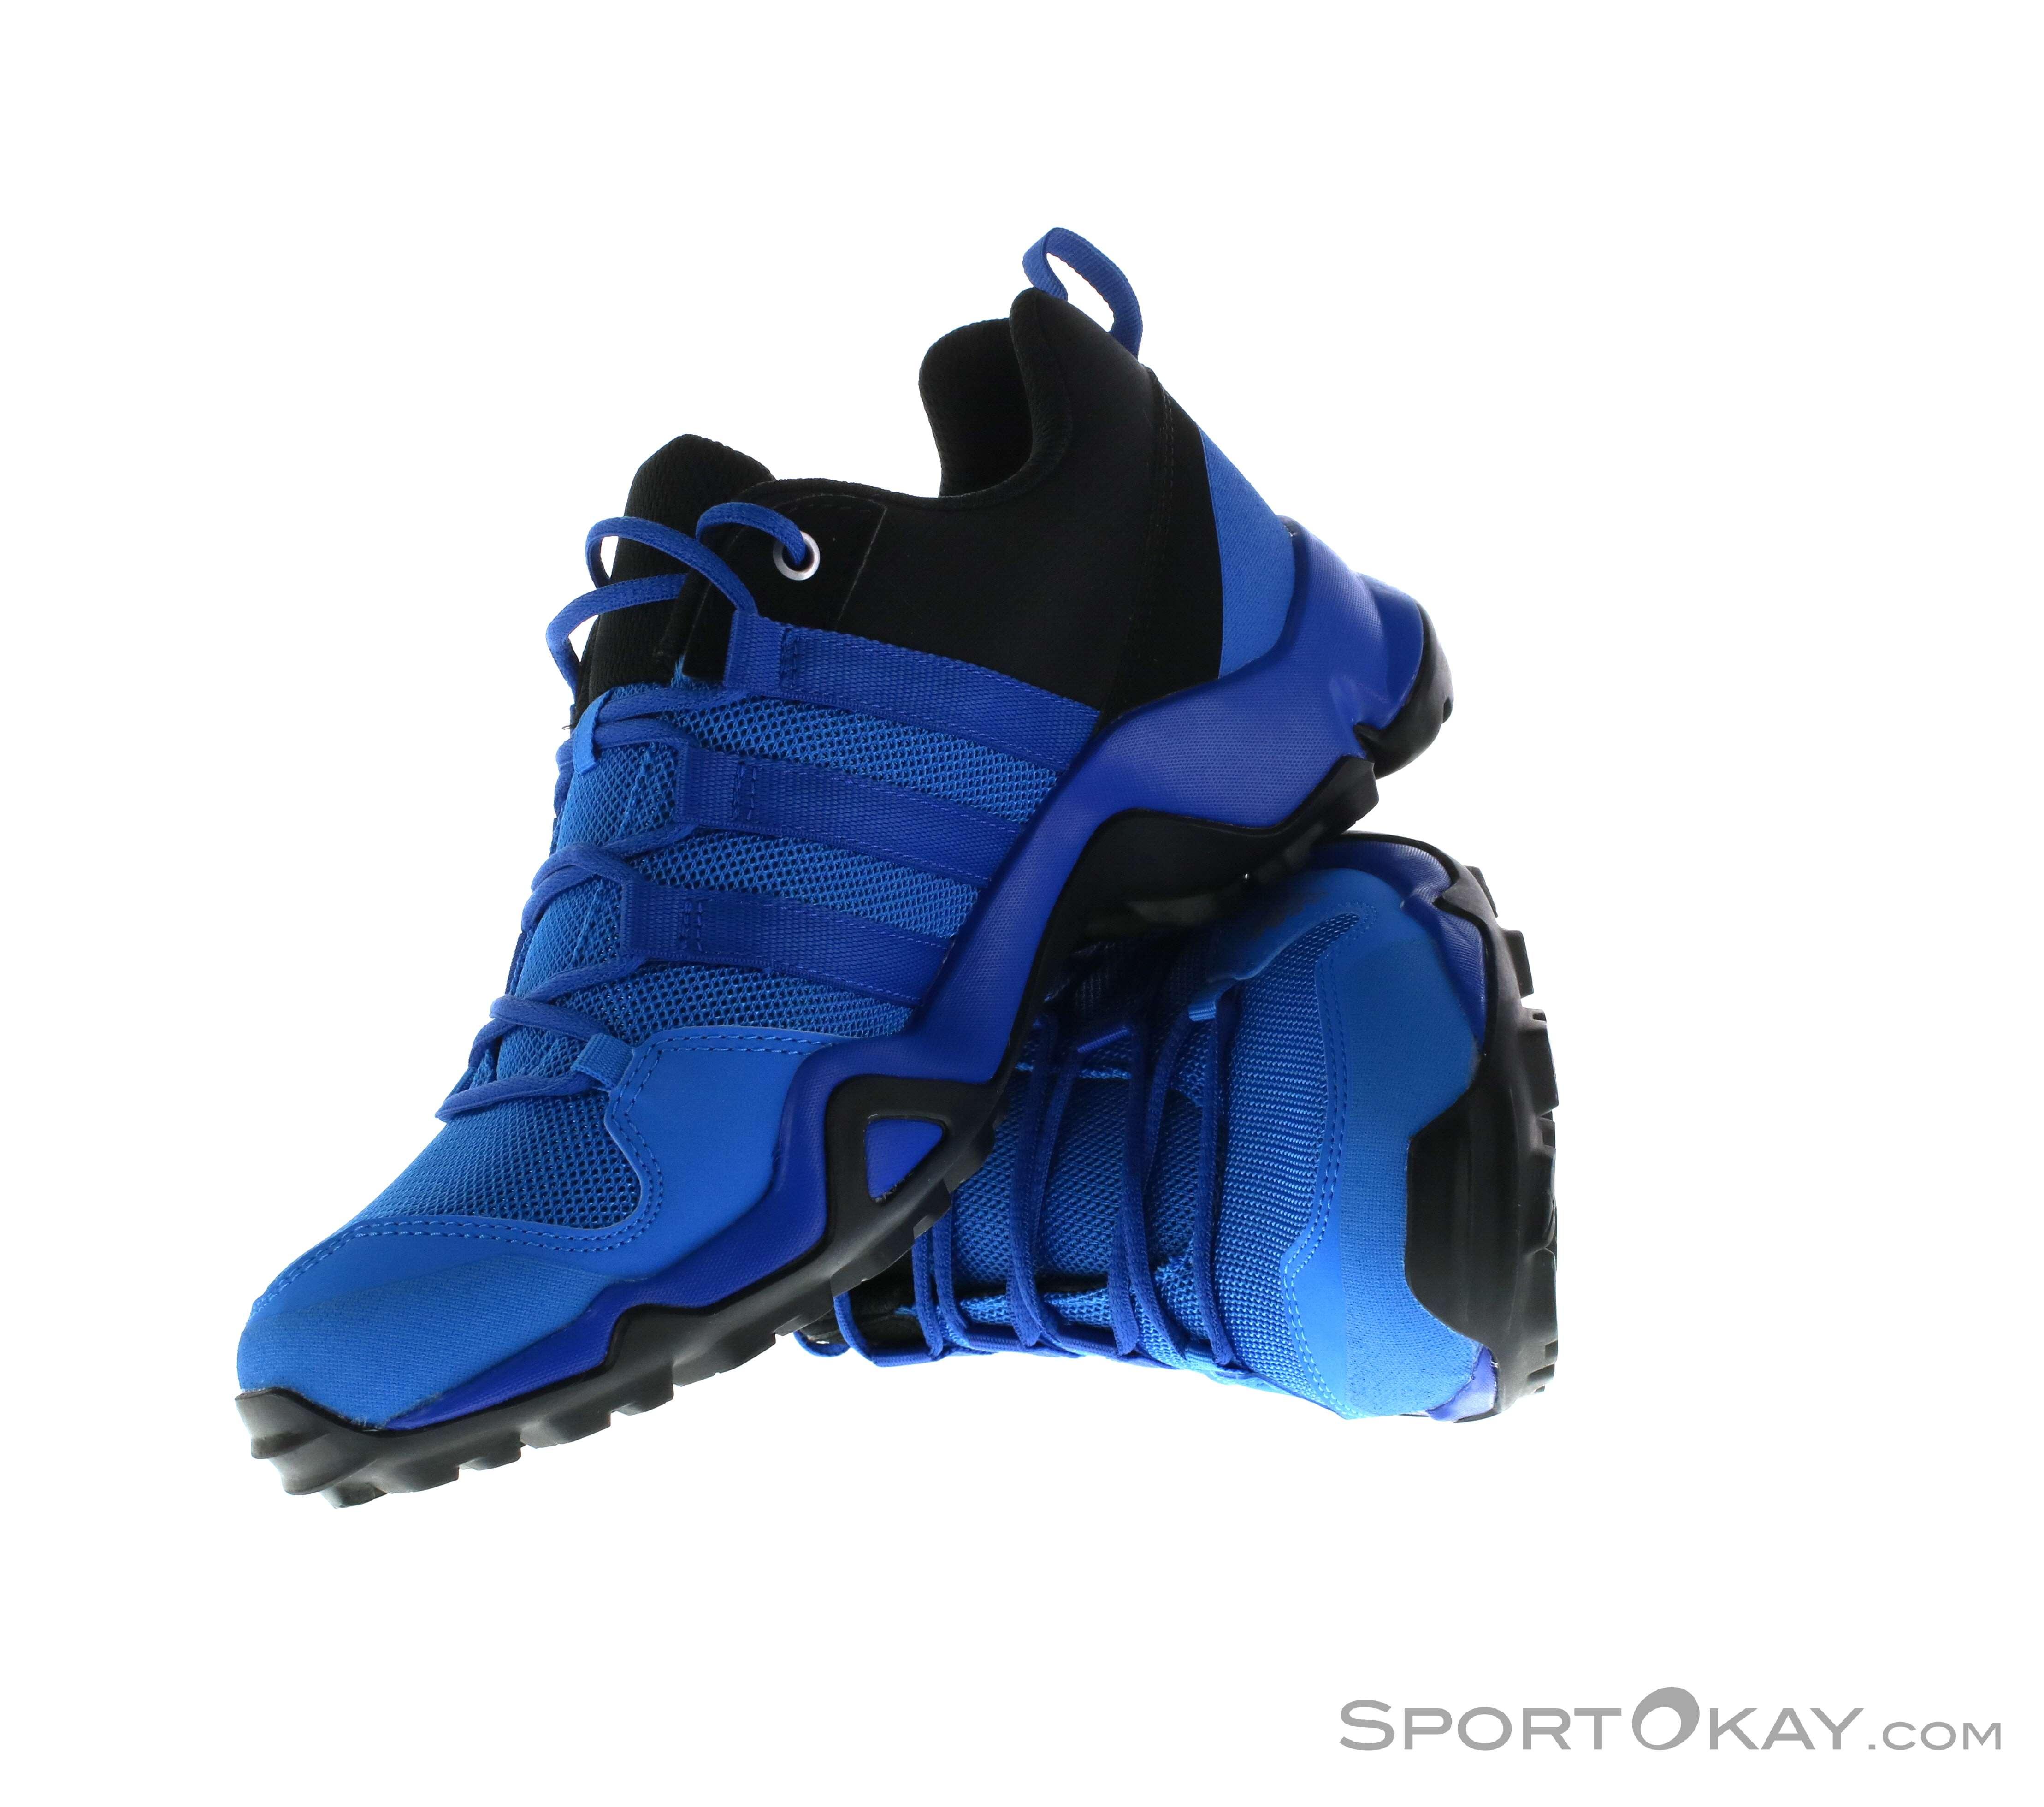 Adidas Running Terrex Scarpe Ax2r Da Bambini Trail vnqvrz7aw